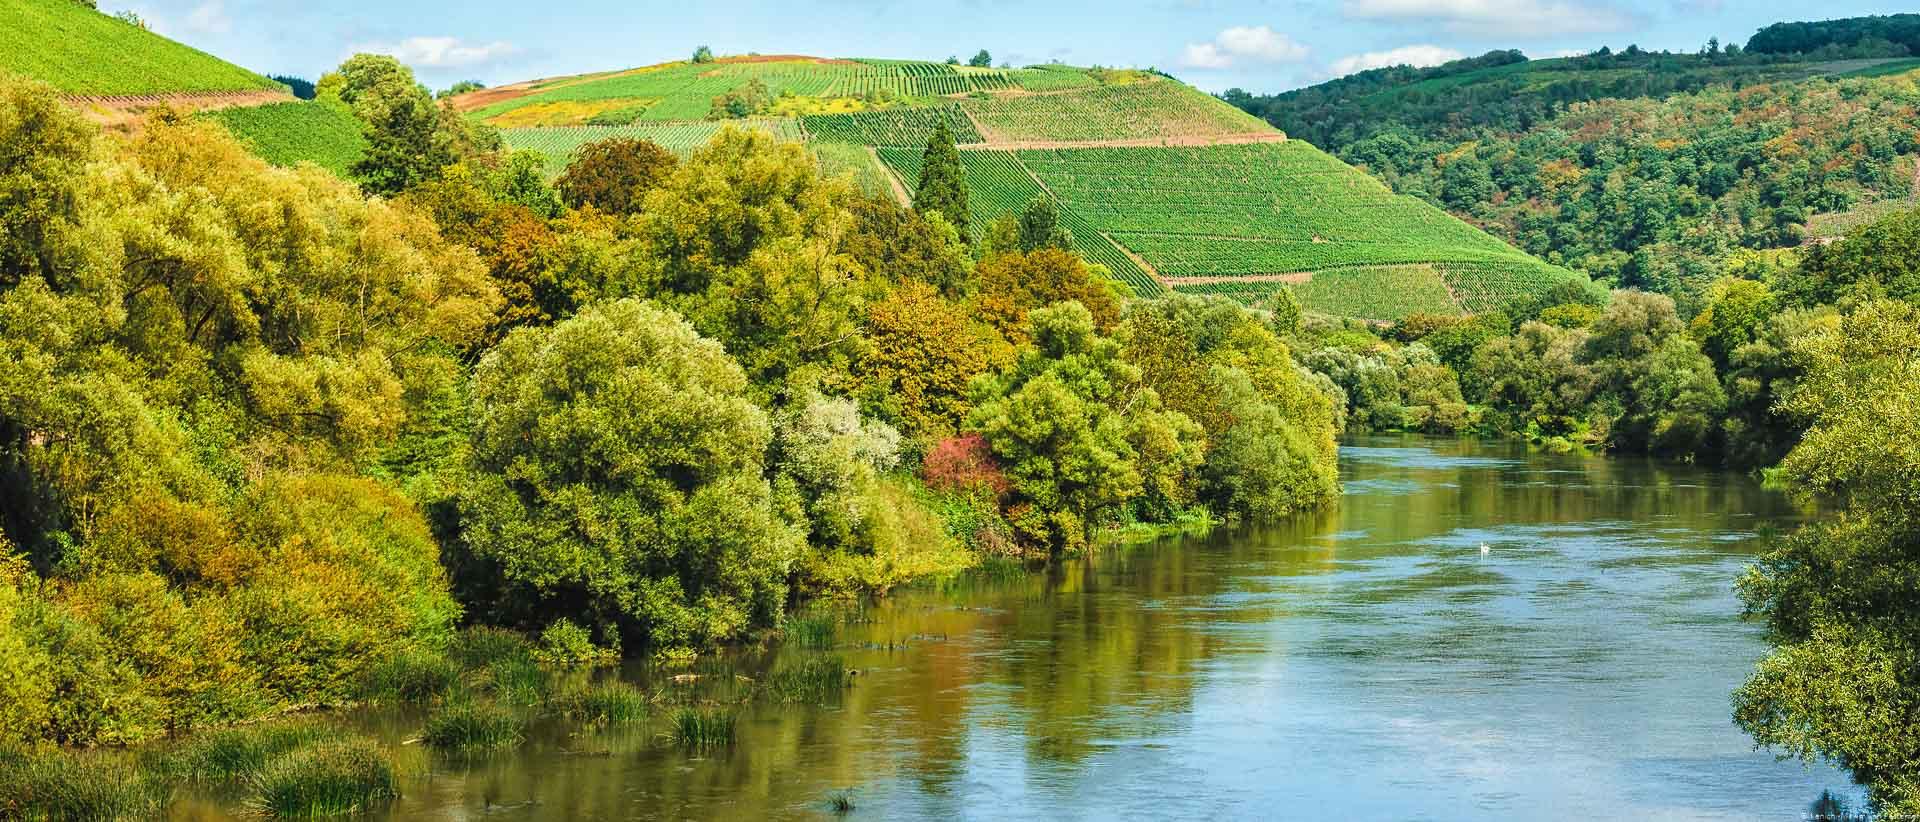 Von der Kanzemer Brücke hat man einen schönen Blick auf die Weinberge. Man erkennt den Steilhang Wiltinger Braune Kupp am Ende des Flusses Saar in der Mitte des Bildes. Am Ufer der Saar befinden sich Bäume.